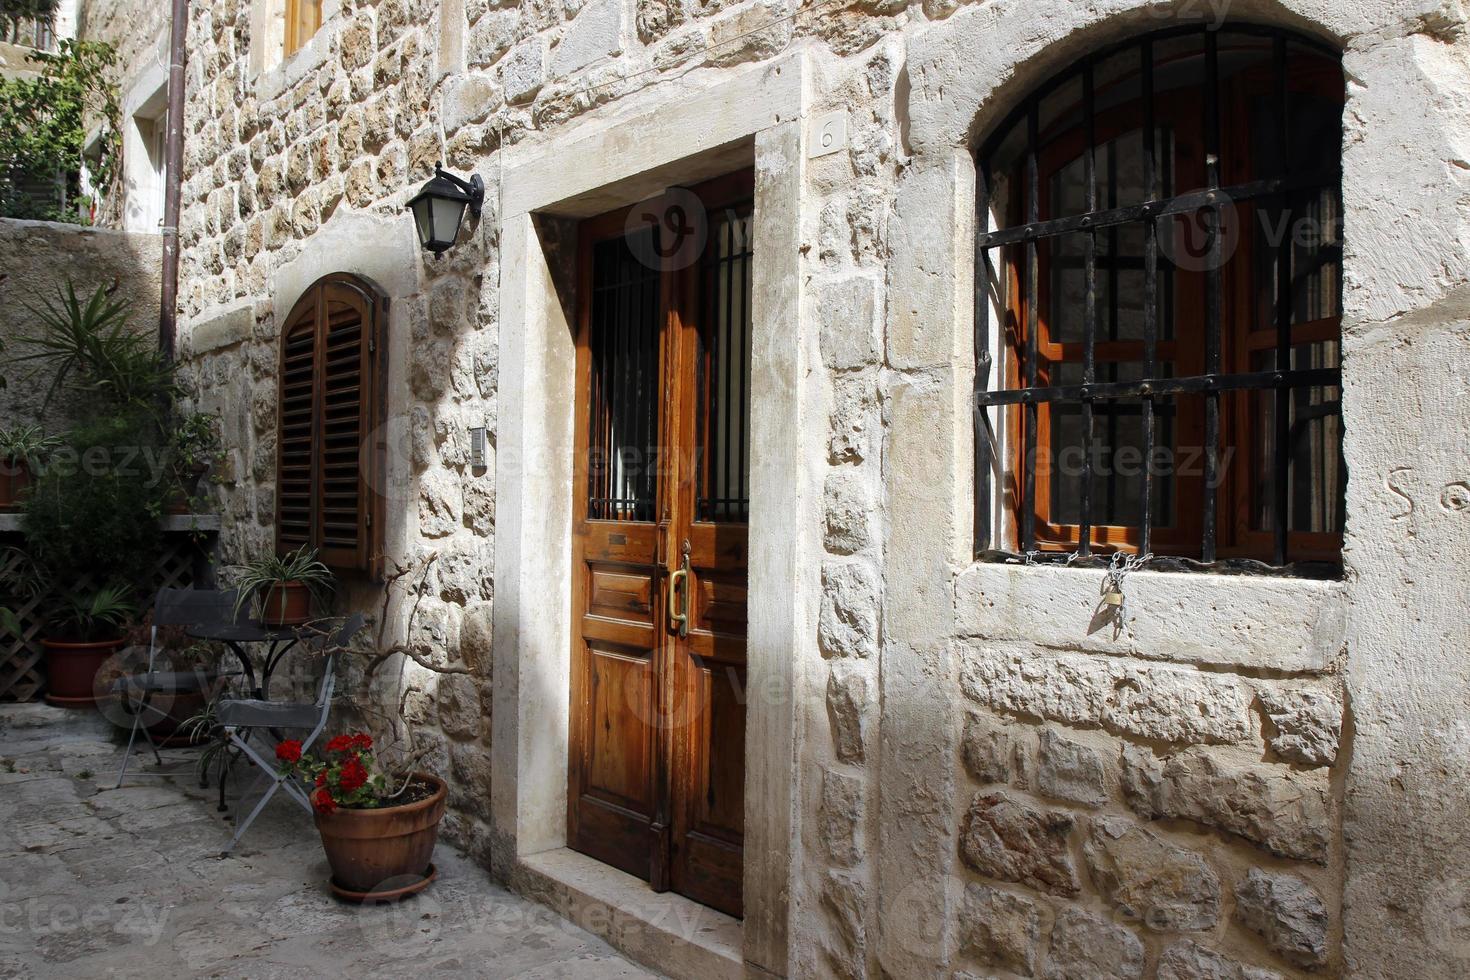 Straße in der kleinen Stadt Dubrovnik, Kroatien foto